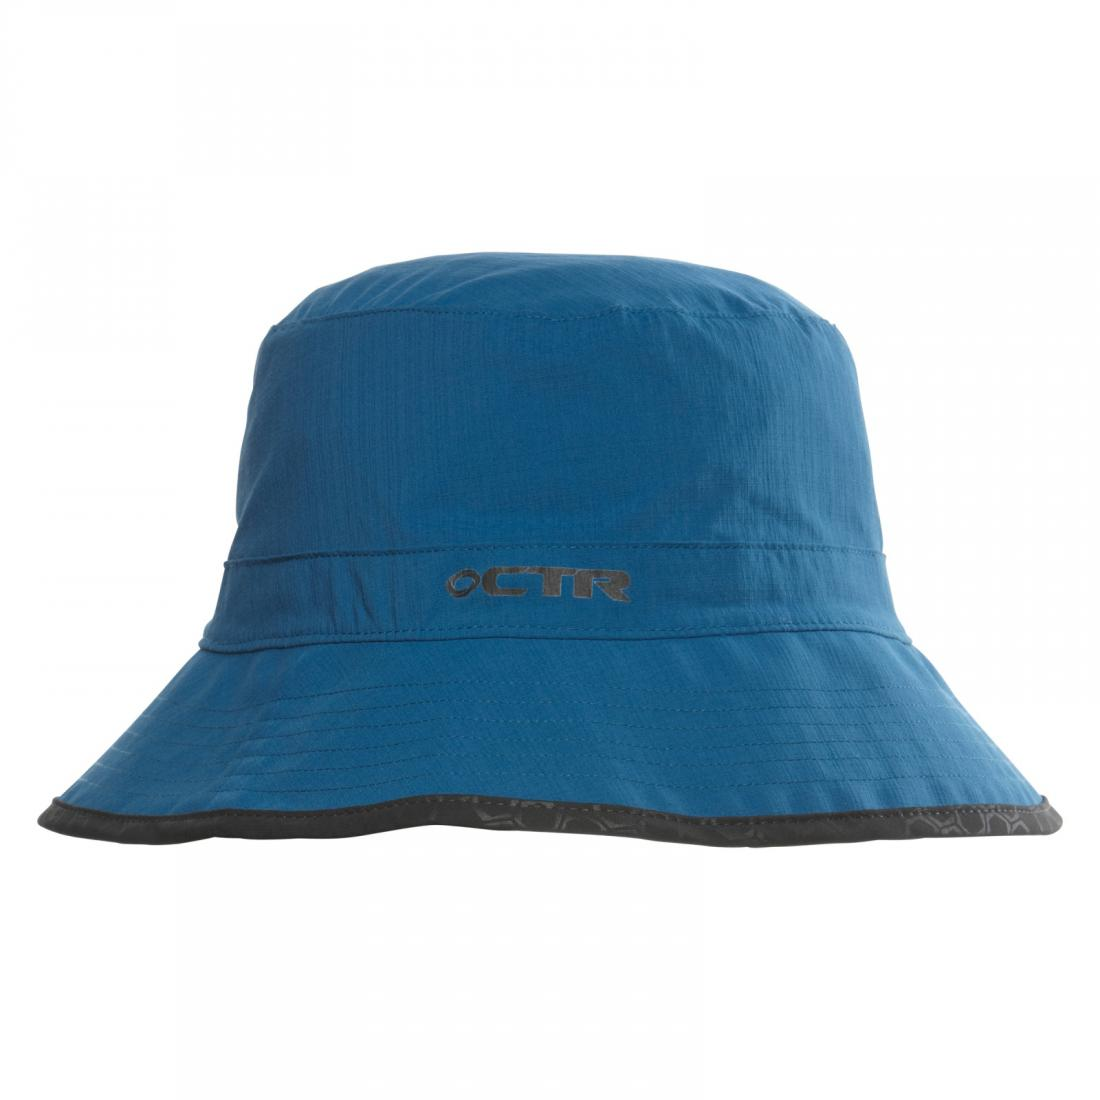 Панама Chaos  Summit Bucket HatПанамы<br><br> Классическая мужская панама Summit Bucket Hat от Chaos — это оптимальное решение для рыбалки и туризма. Легкая и удобная, она отлично защищает и о...<br><br>Цвет: Синий<br>Размер: S-M